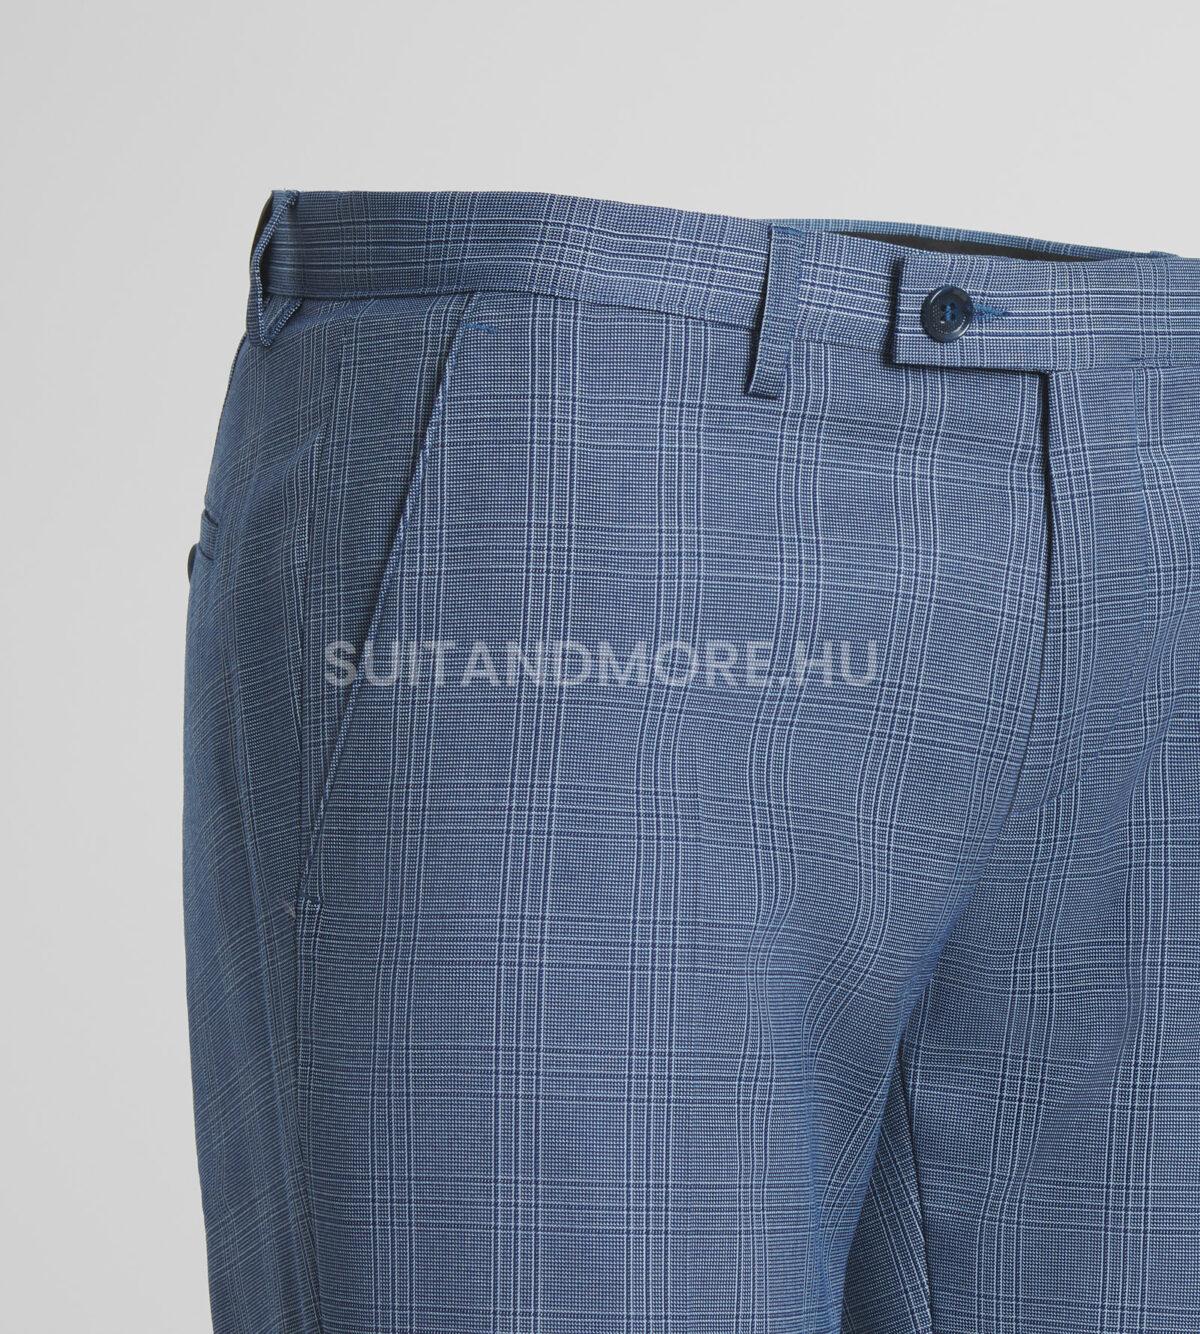 DIGEL-Move-kék-extra-slim-fit-kockás-nadrág-NANNO-NATE-NICOLO-99727-25-02